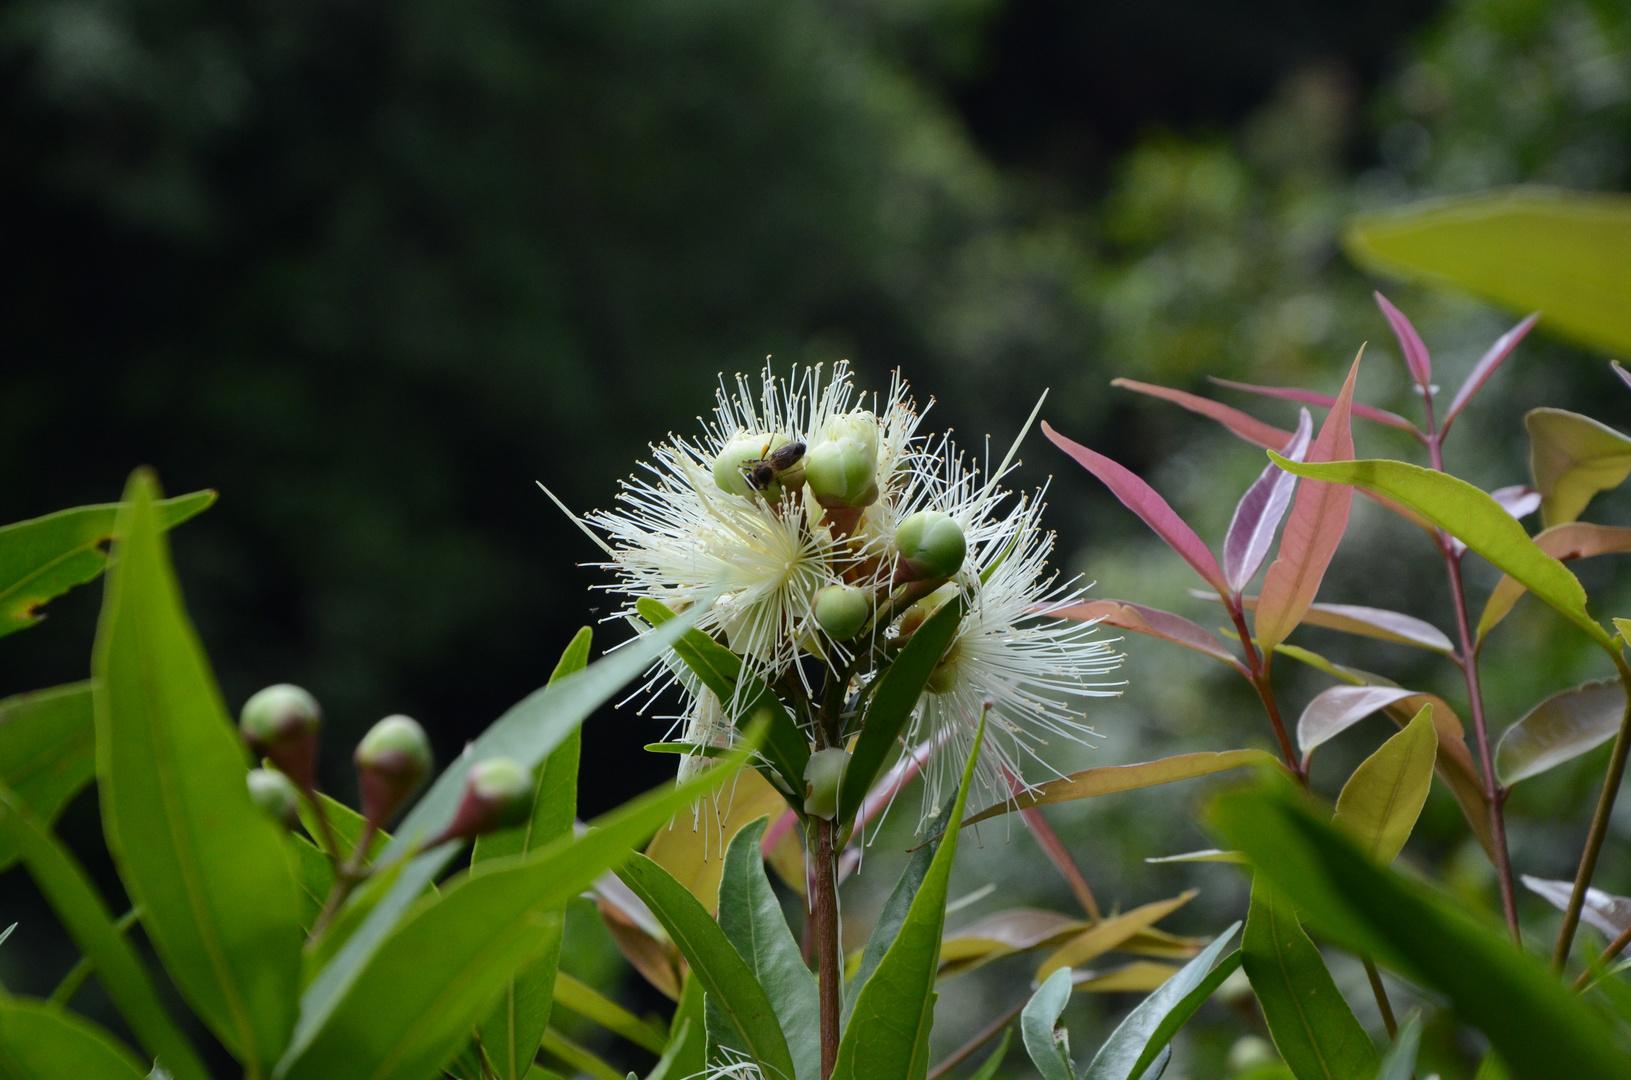 Insekt auf unbekanntem Blütenstand , nett anzusehen .